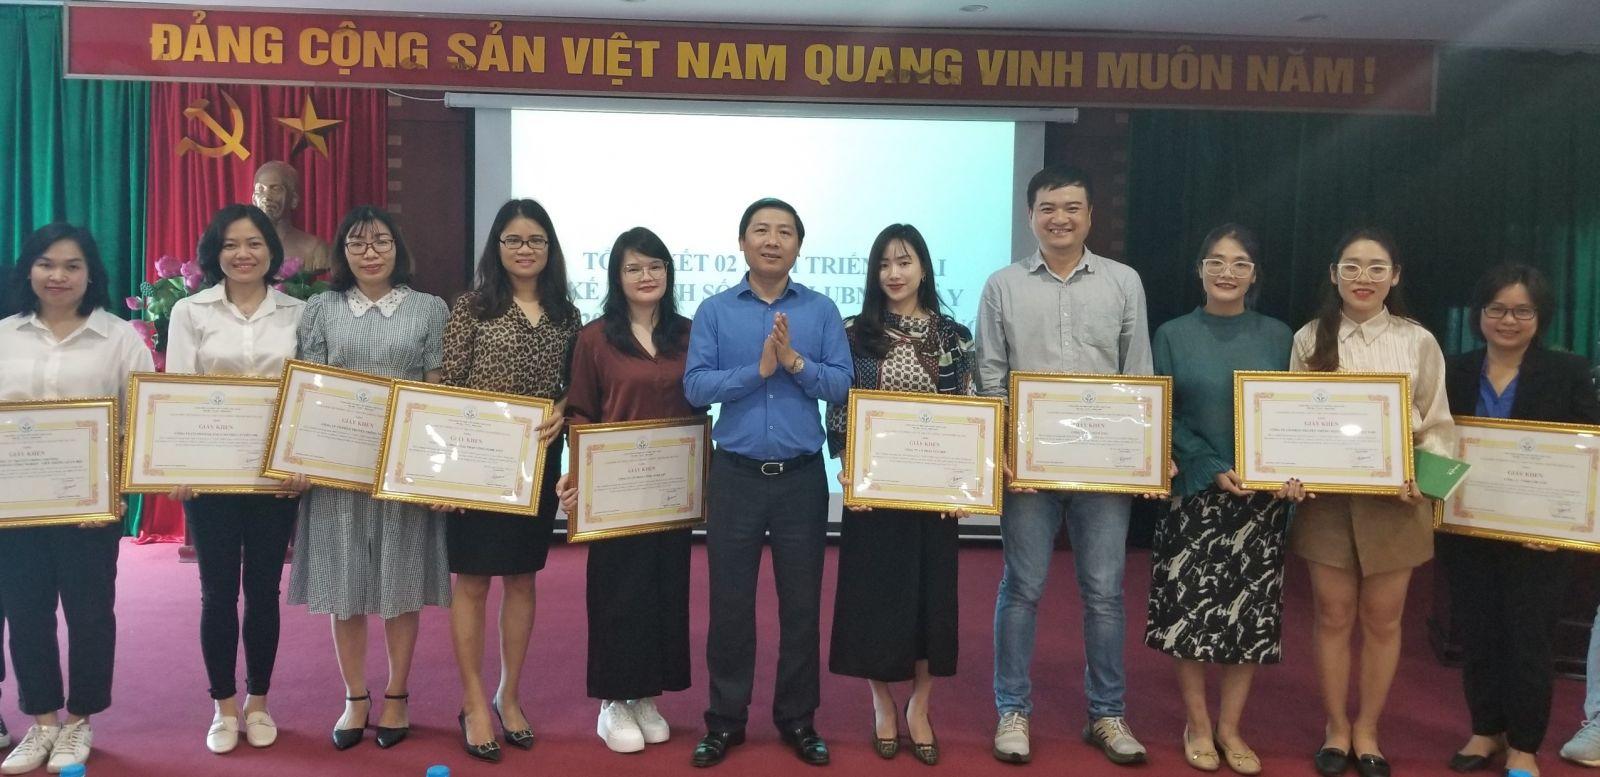 Tiêu Dùng Plus nhận giấy khen của Sở Thông tin & Truyền thông Hà Nội